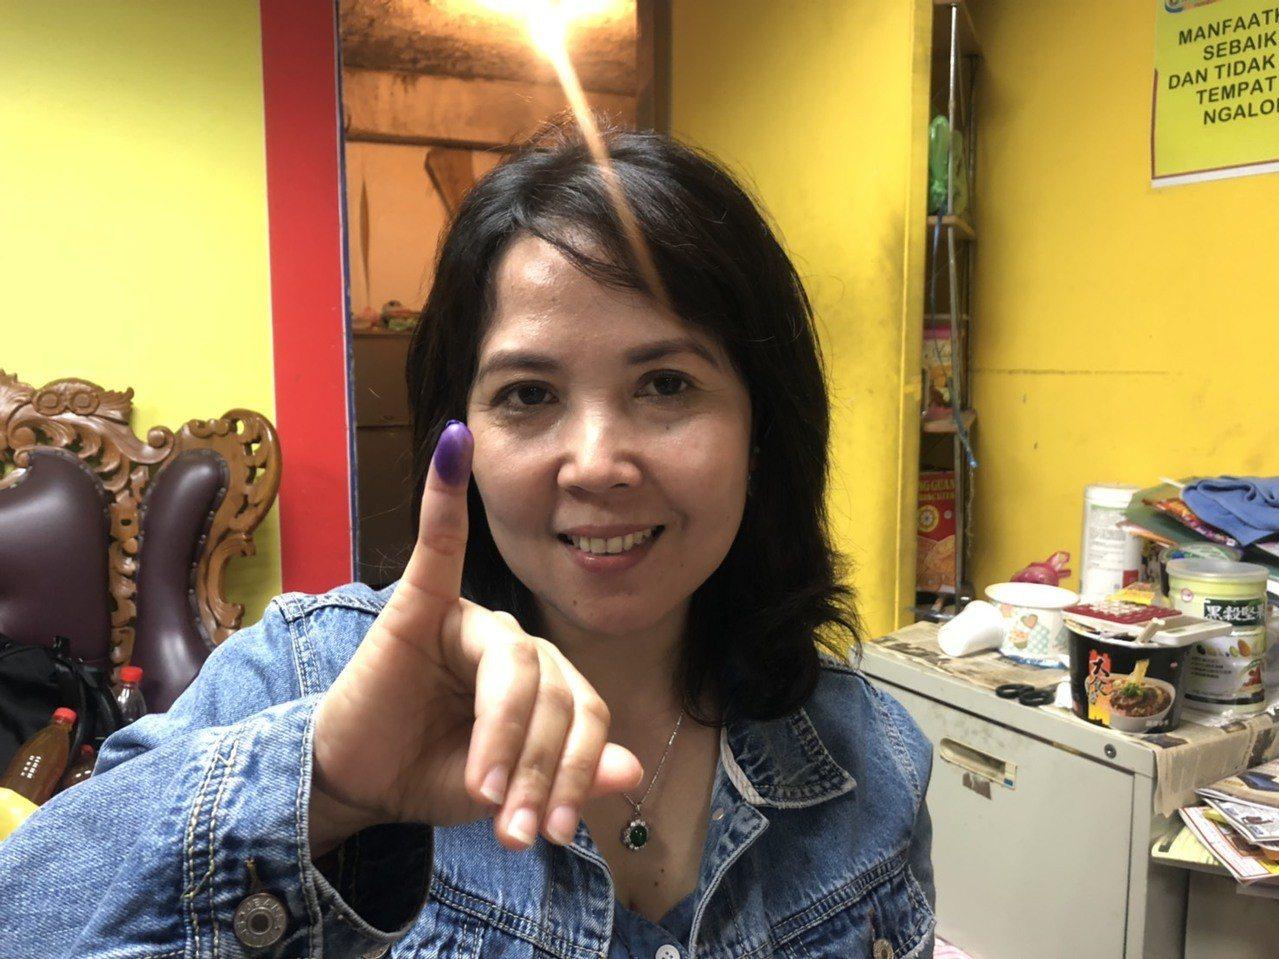 投票會在小拇指蓋上印章。記者侯俐安/攝影